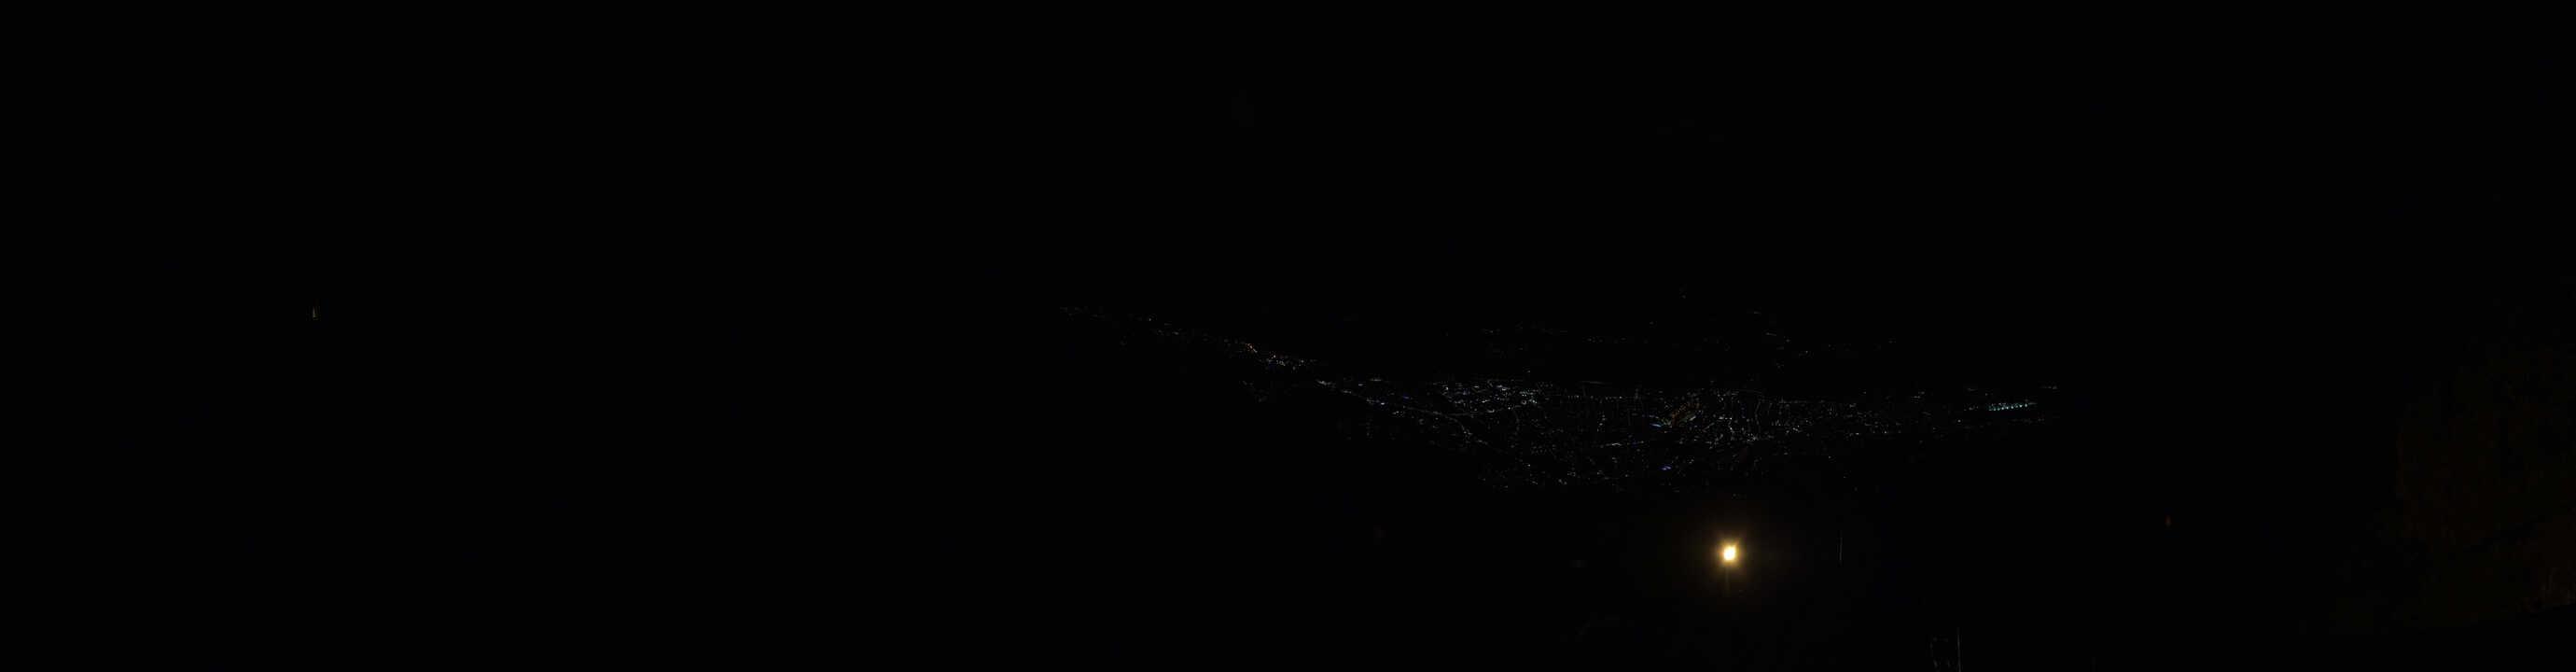 Panoramablick von der Bergstation der Hafelekar Bahn auf dei Hafelekarspitze (2334m) und das Inntal mit Innsbruck